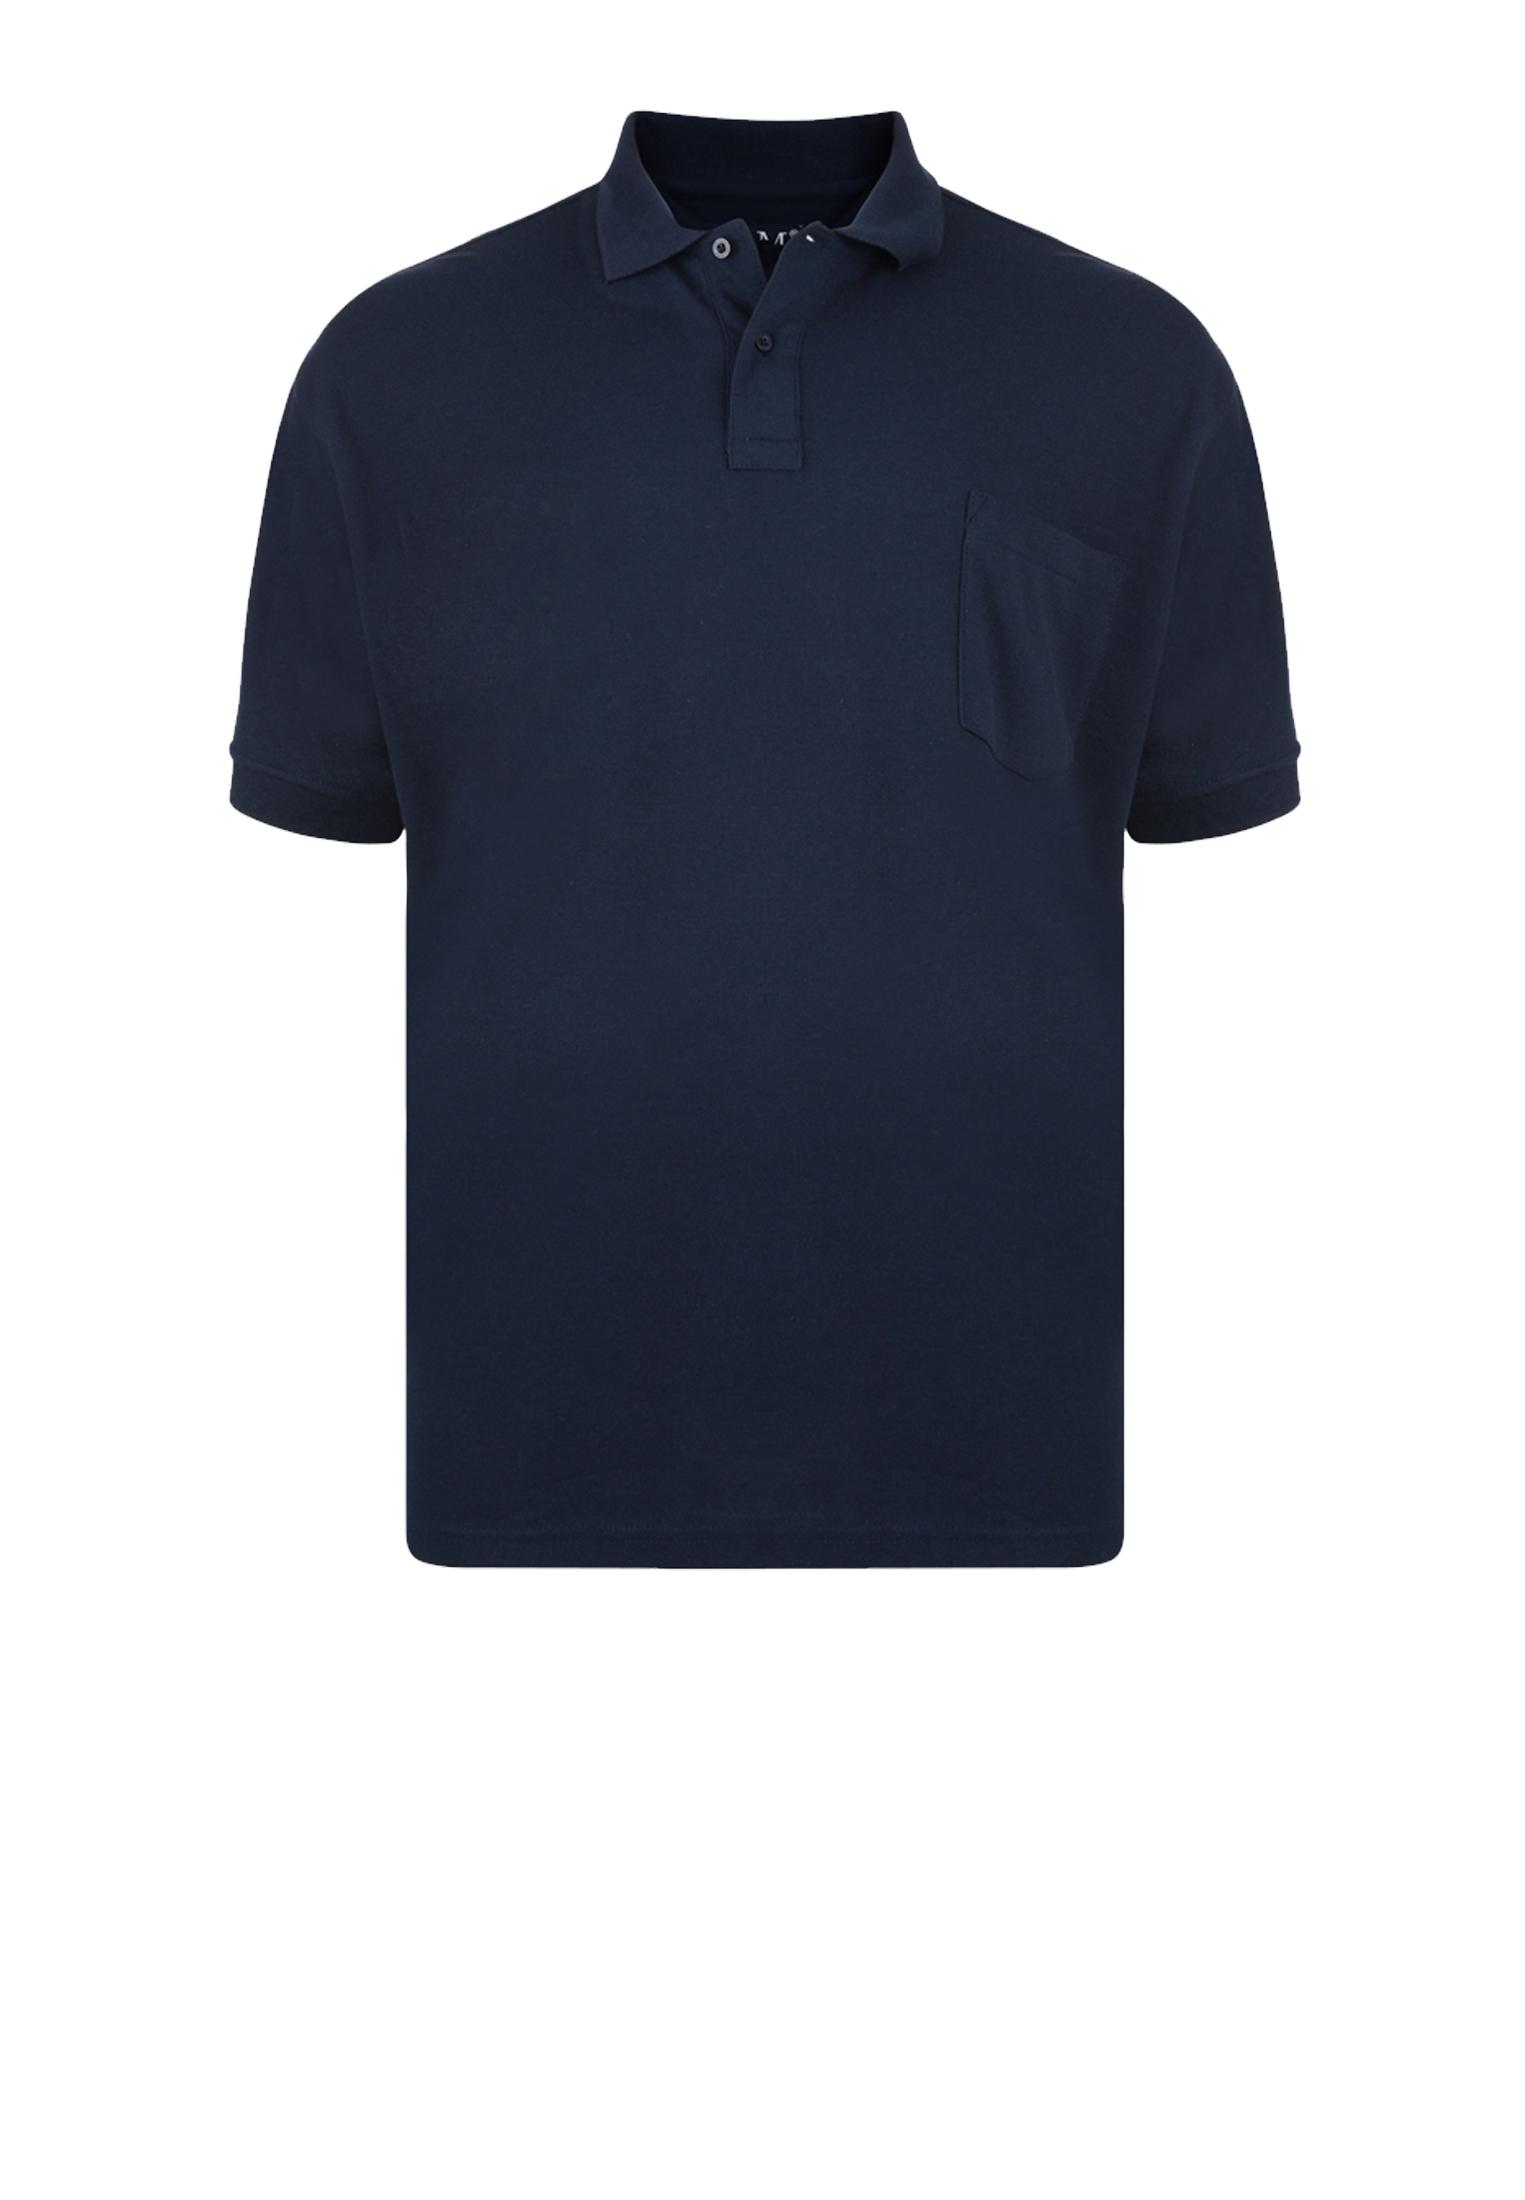 Effen polo van het merk KAM JEANSWEAR met een borstzakje op de linkerborst en een 3-knoopslijst. In de kleur navy.